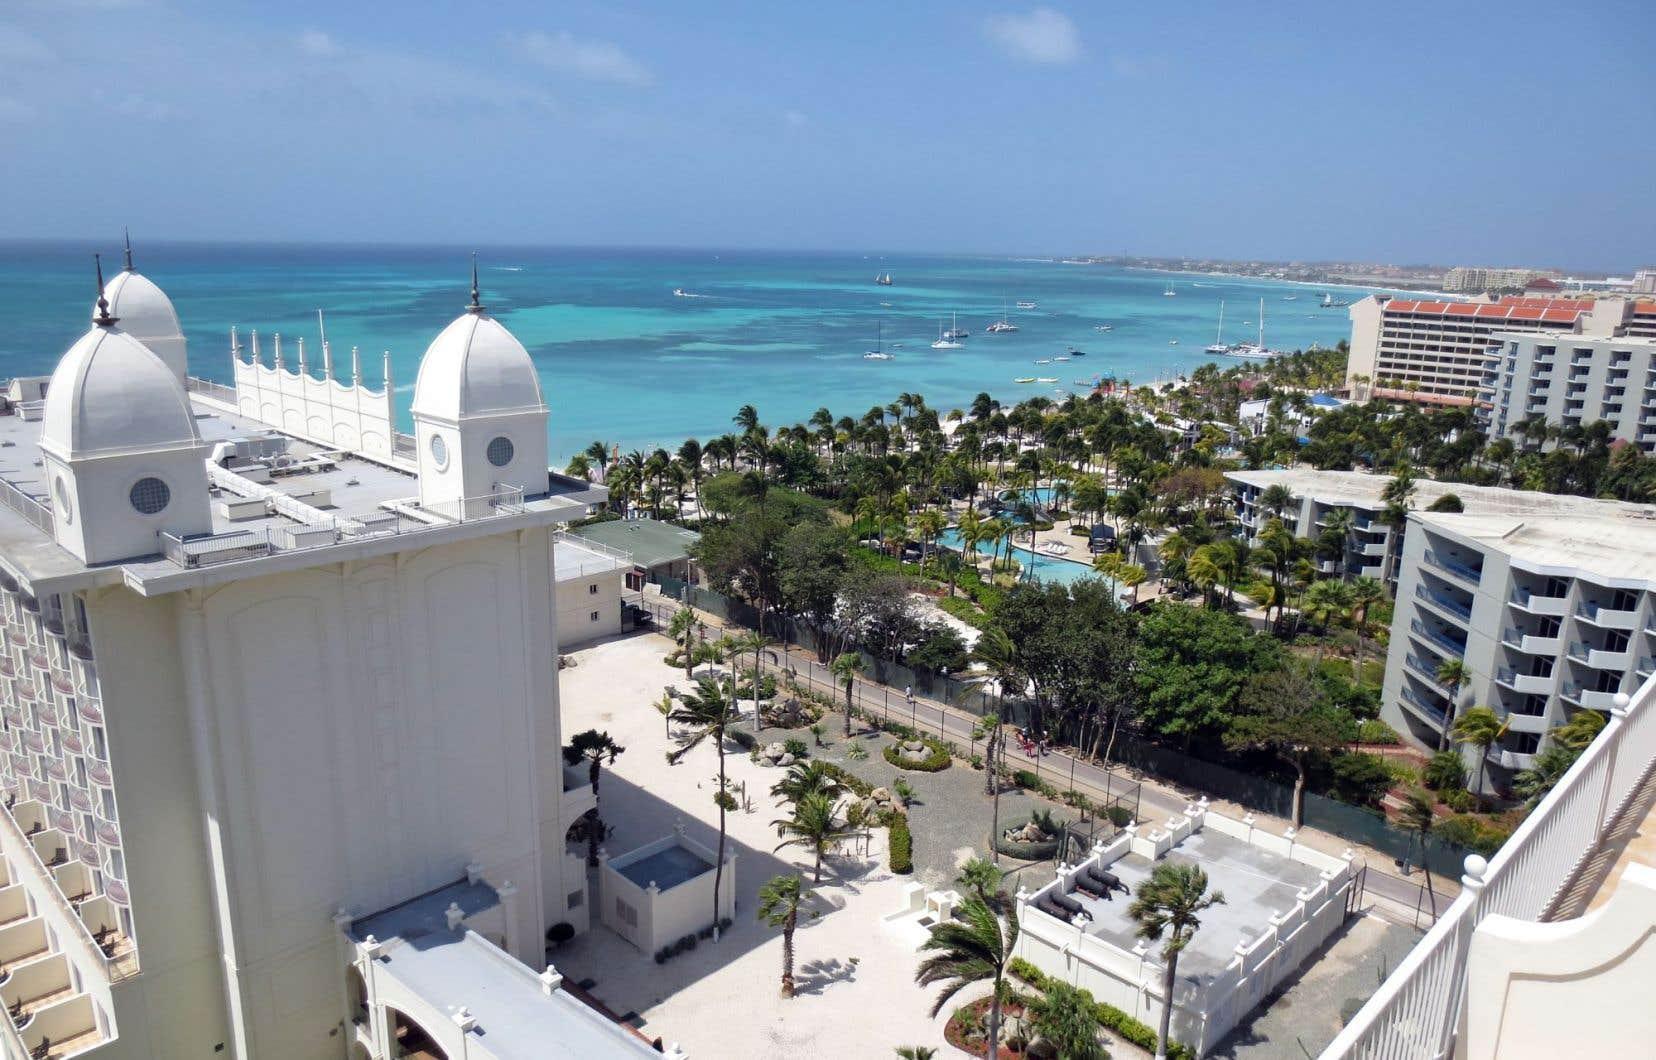 Palm Beach vue depuis les hauteurs du Riu Palace Aruba